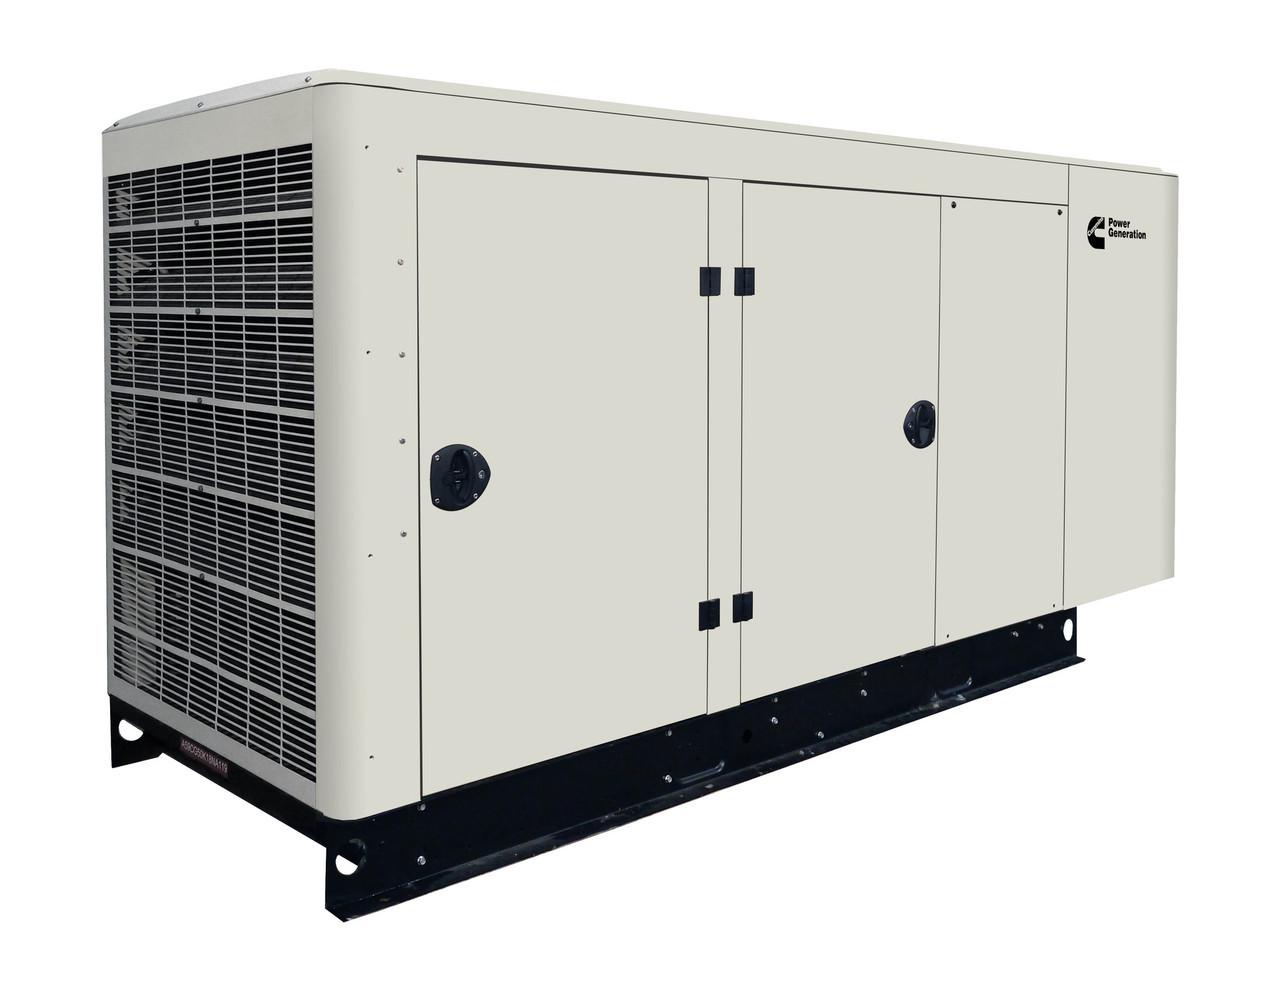 medium resolution of cummins rs50 quiet connect series 50kw generator